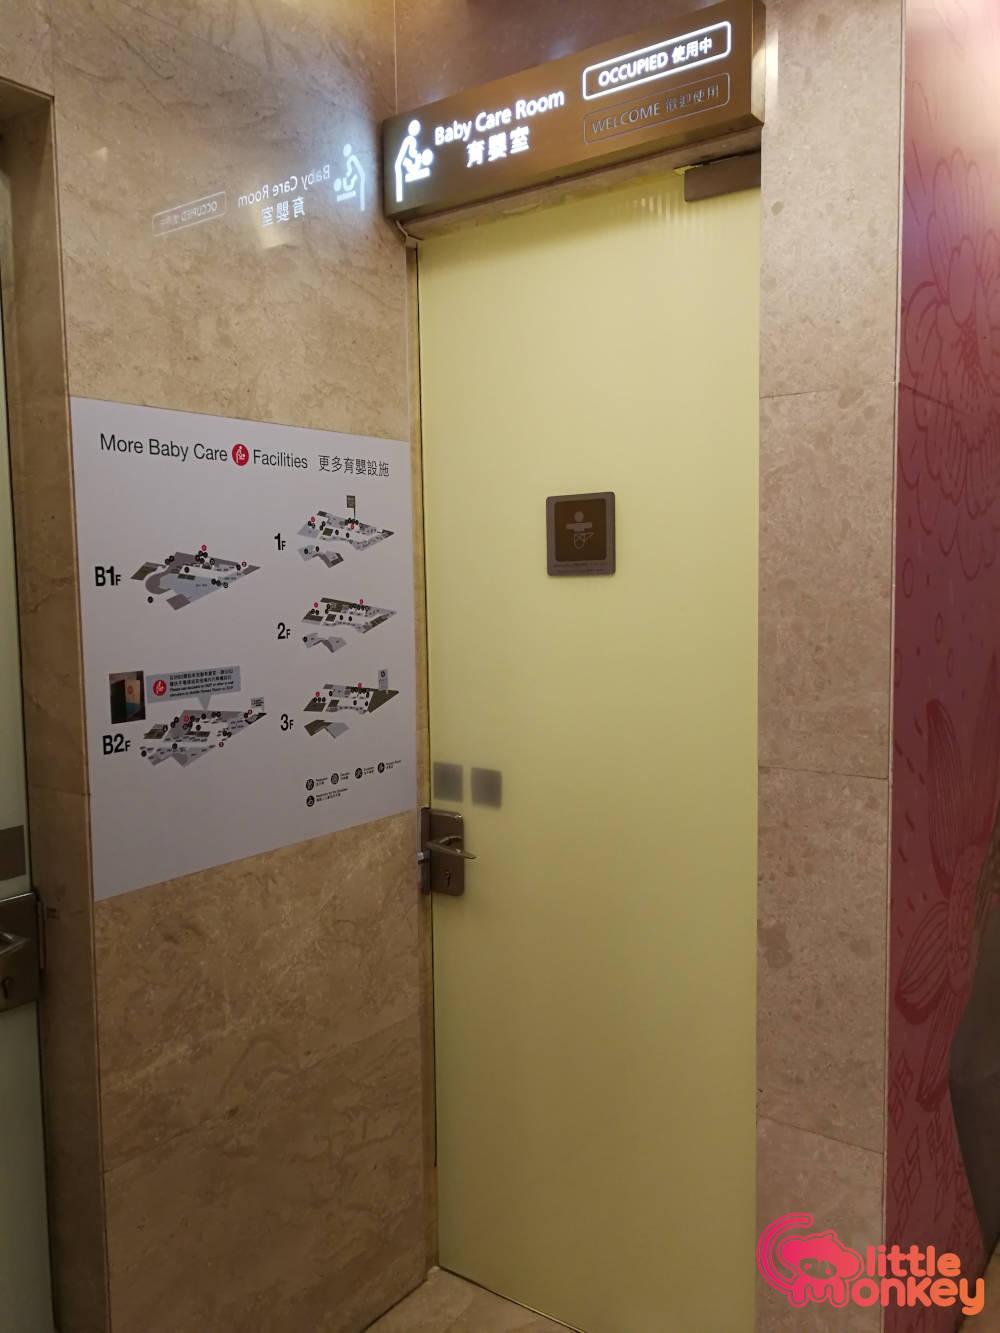 K11's occupied entrance door of baby care room